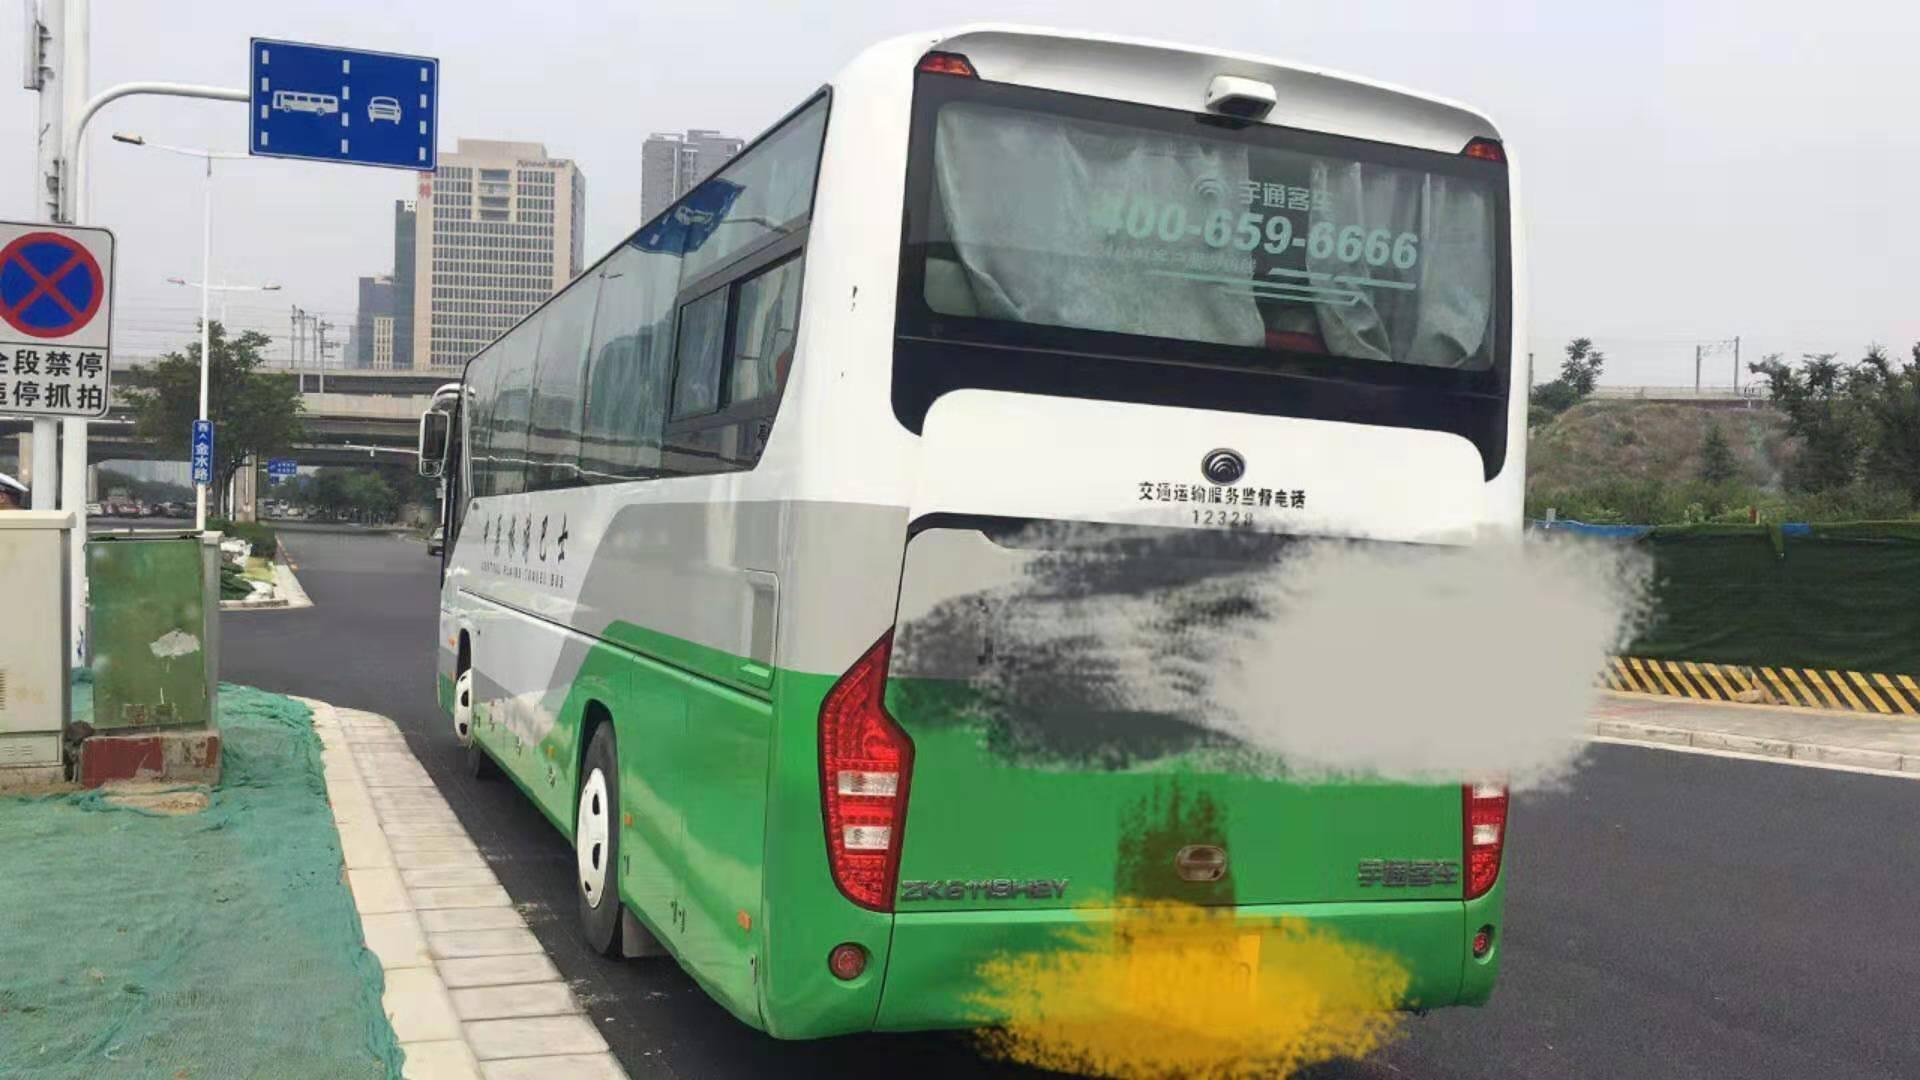 【郑州】宇通客车 价格20.00万 二手车